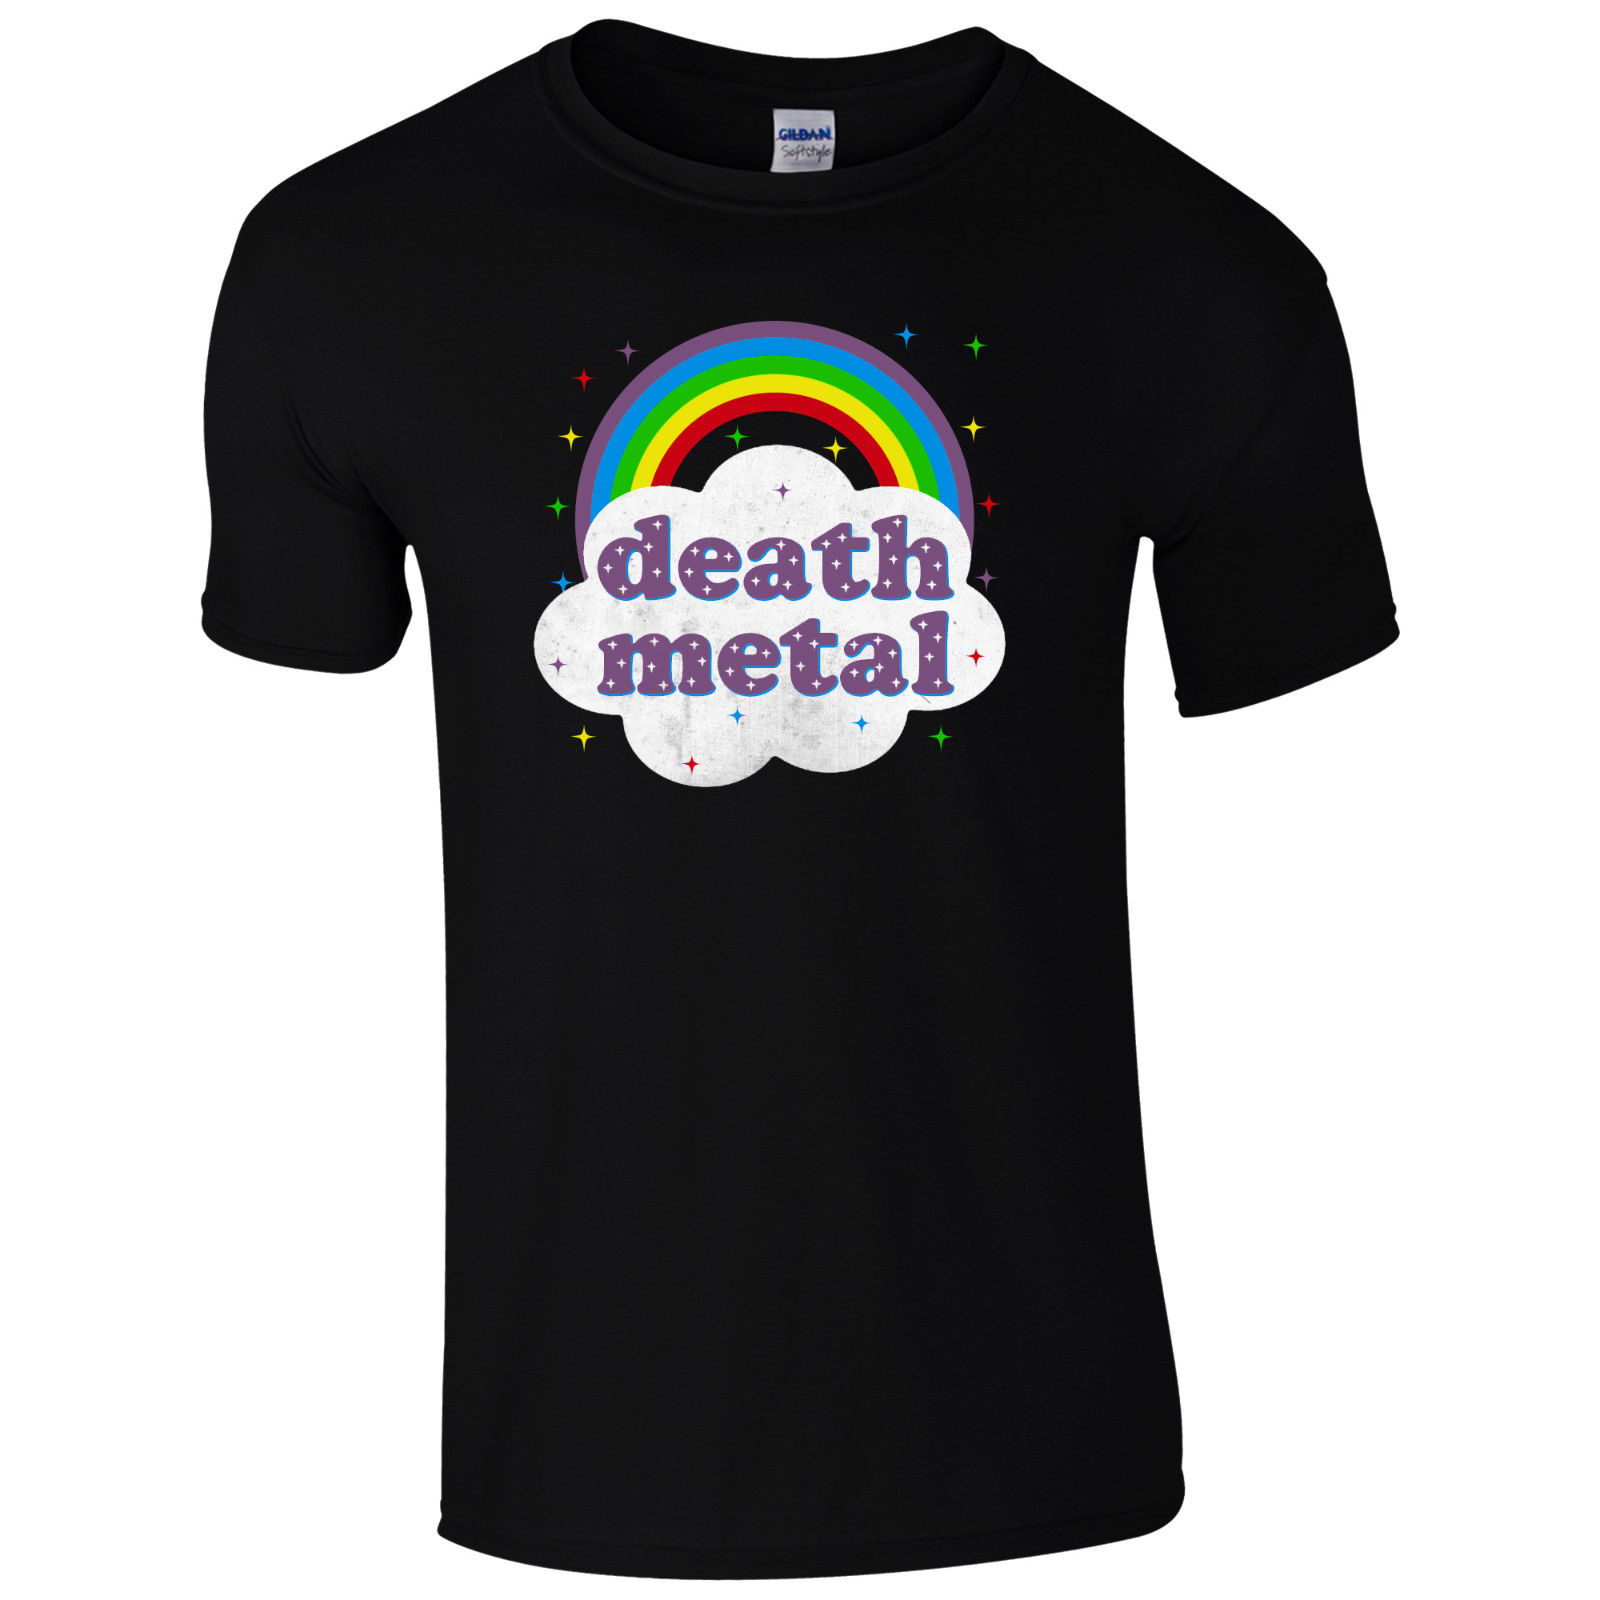 Death metal regenbogen t-shirt-grunge rock festival säure glücklich geschenk männer top t-shirt...